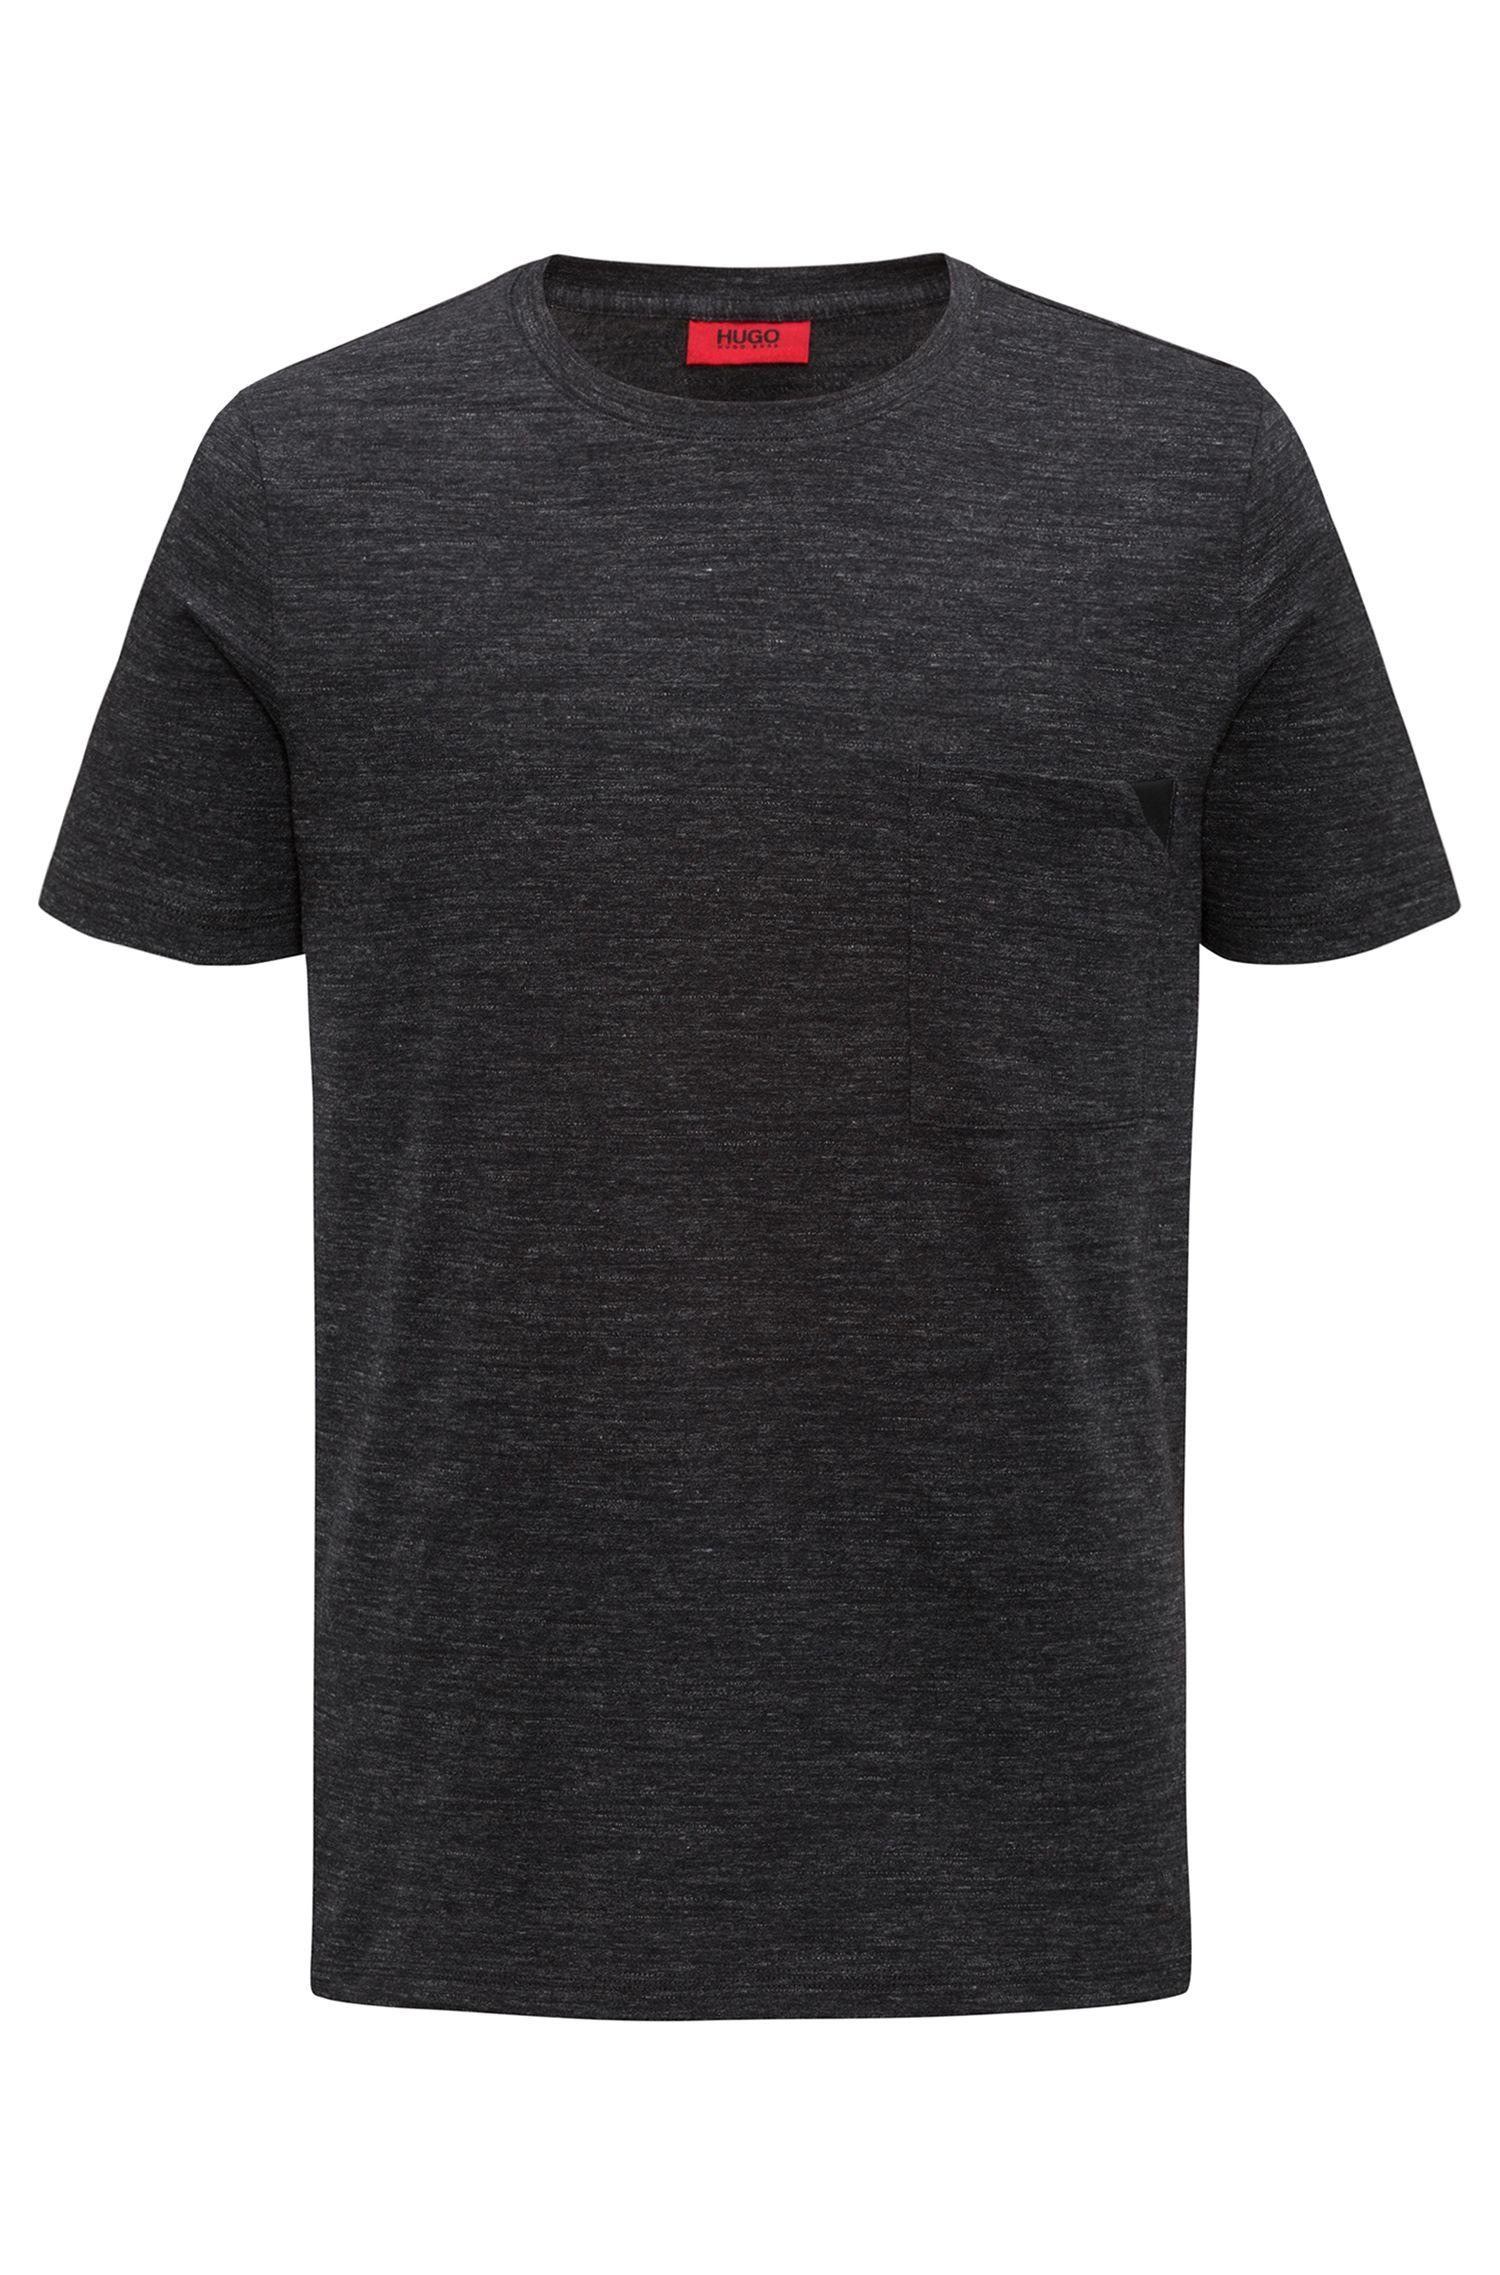 T-shirt a maniche corte in cotone mélange